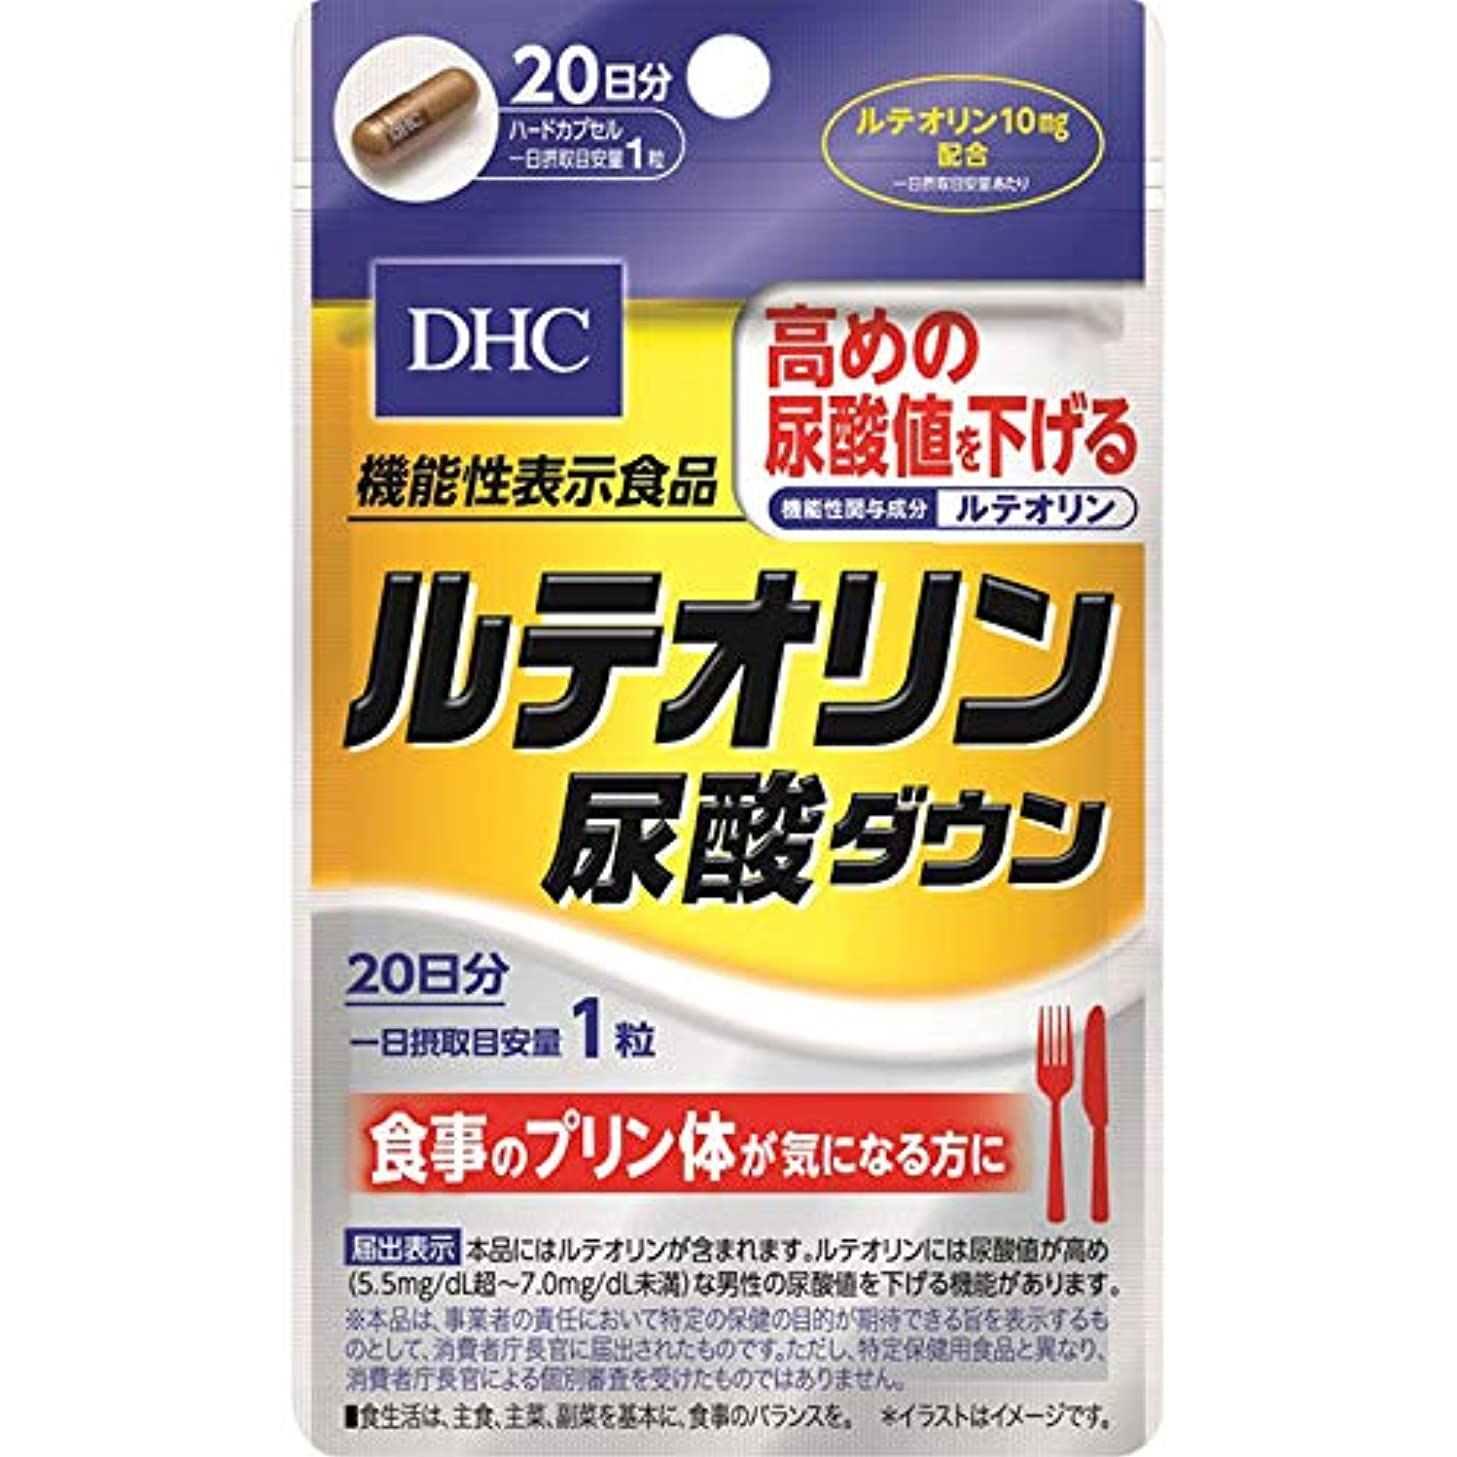 研究所同盟のみ【10個セット】ルテオリン尿酸ダウン 20粒